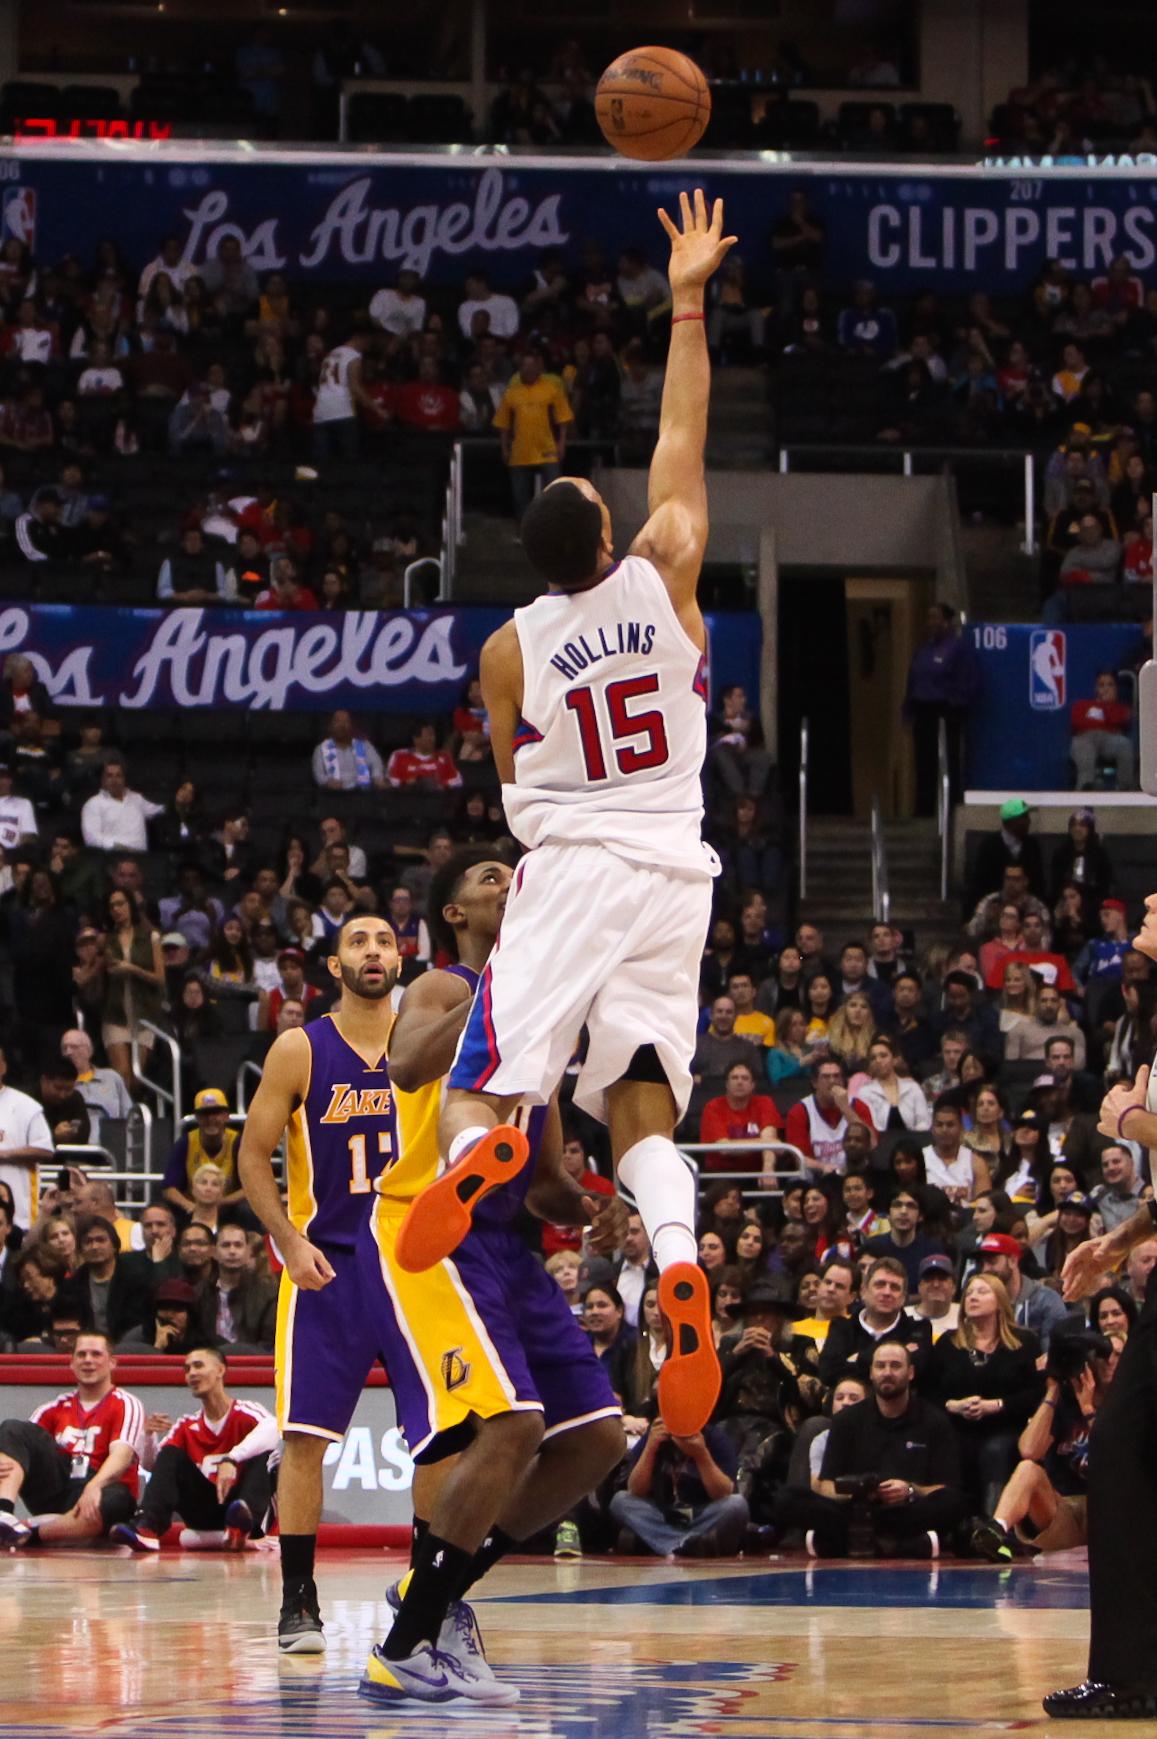 Photos by Varon P. Lakers-71.jpg